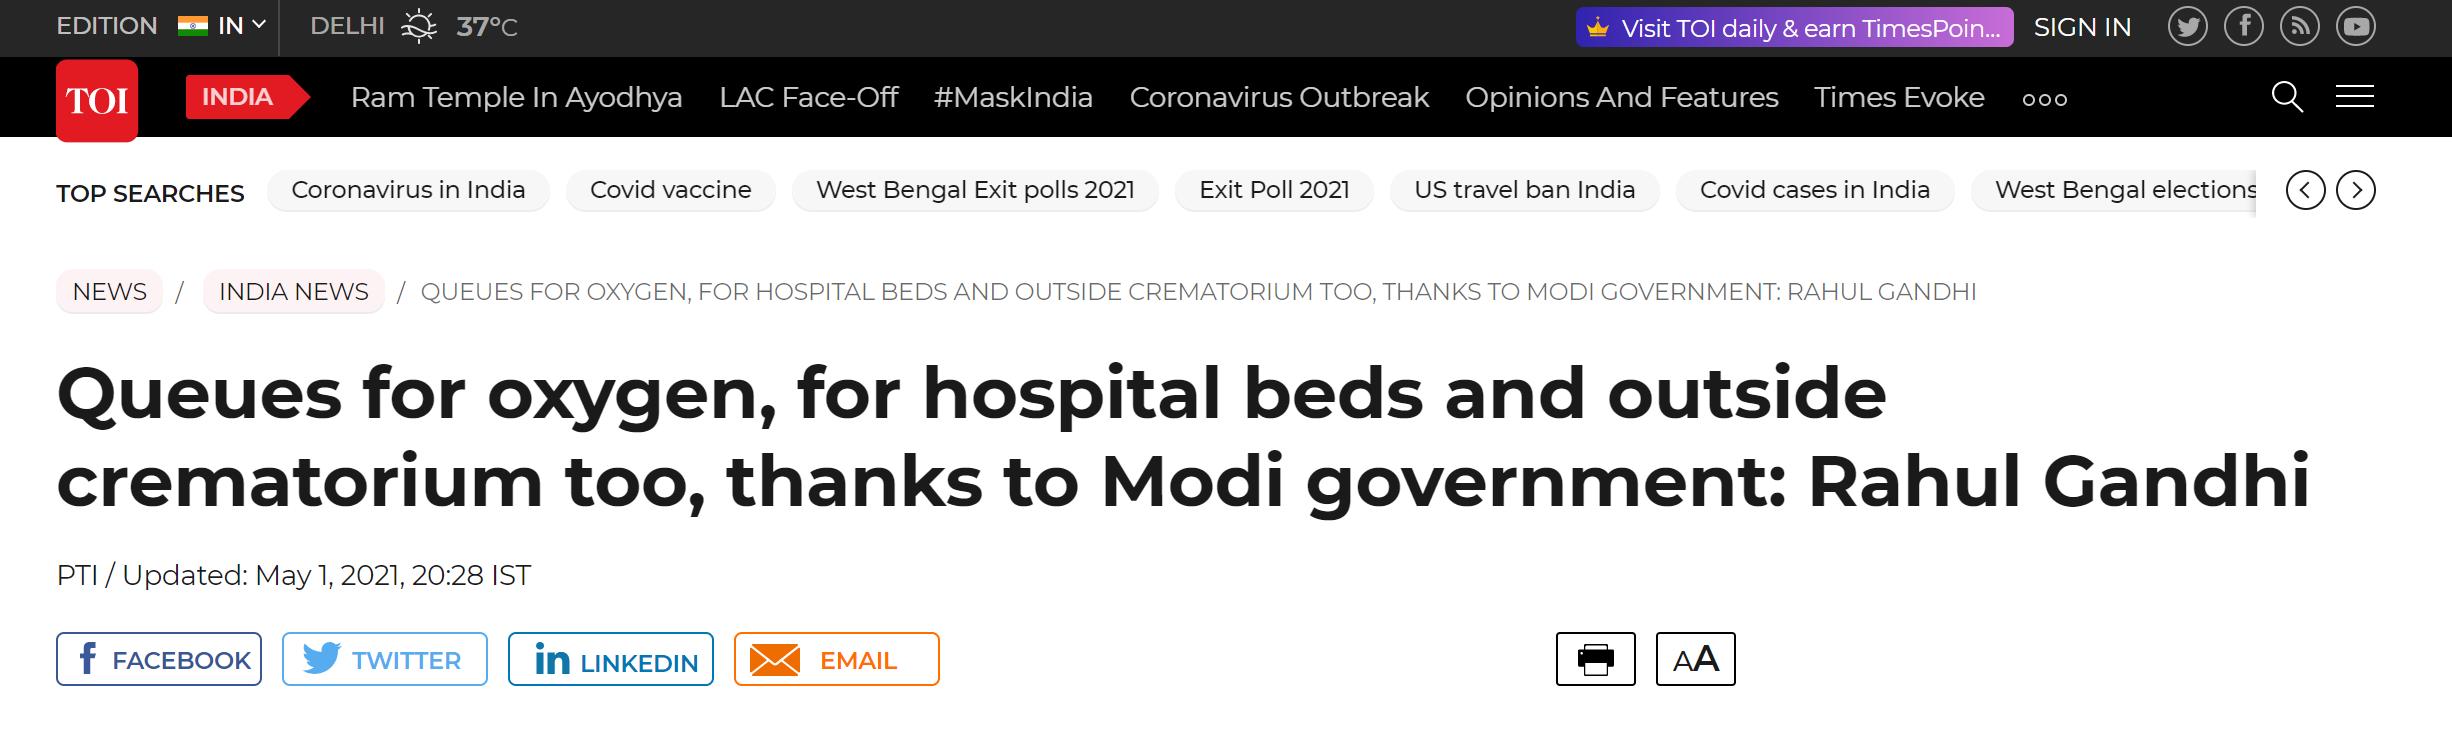 印度国会领导人甘地激烈批评:印度疫情是场海啸,莫迪政府玩忽职守又盲目自信